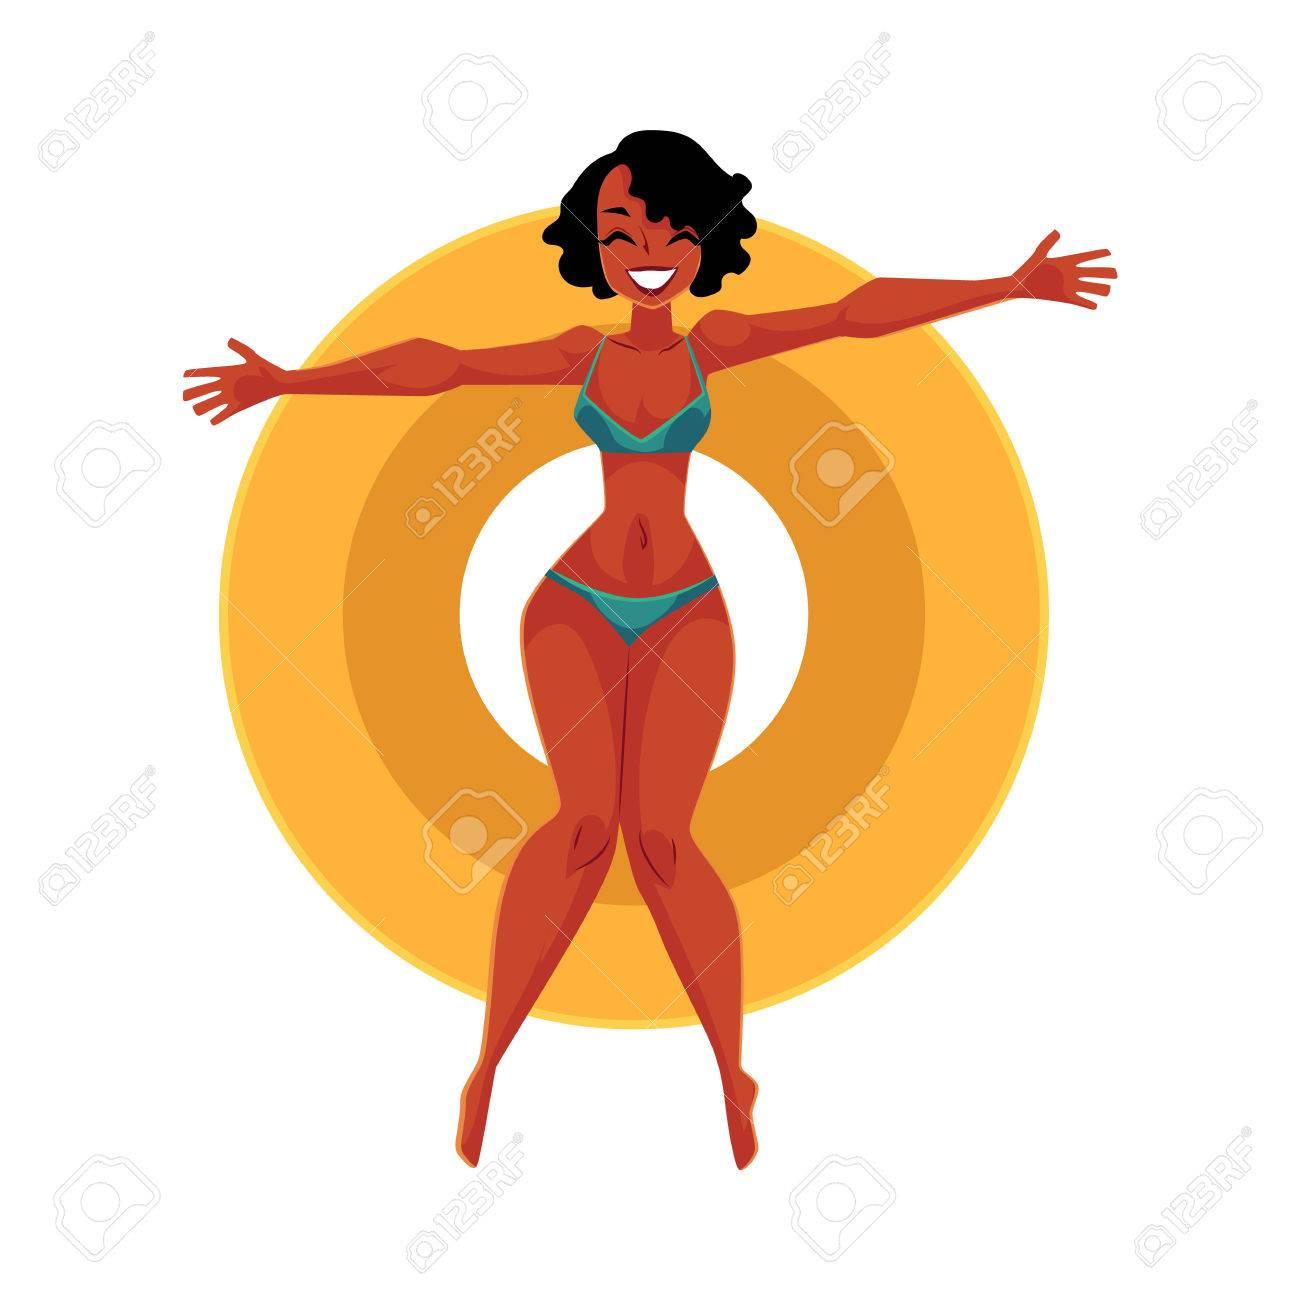 Jeune Fille Afro Américaine Noire Femme En Bikini Flottant Sur L Anneau Gonflable Illustration De Vecteur De Dessin Animé Vue De Dessus Isolée Sur